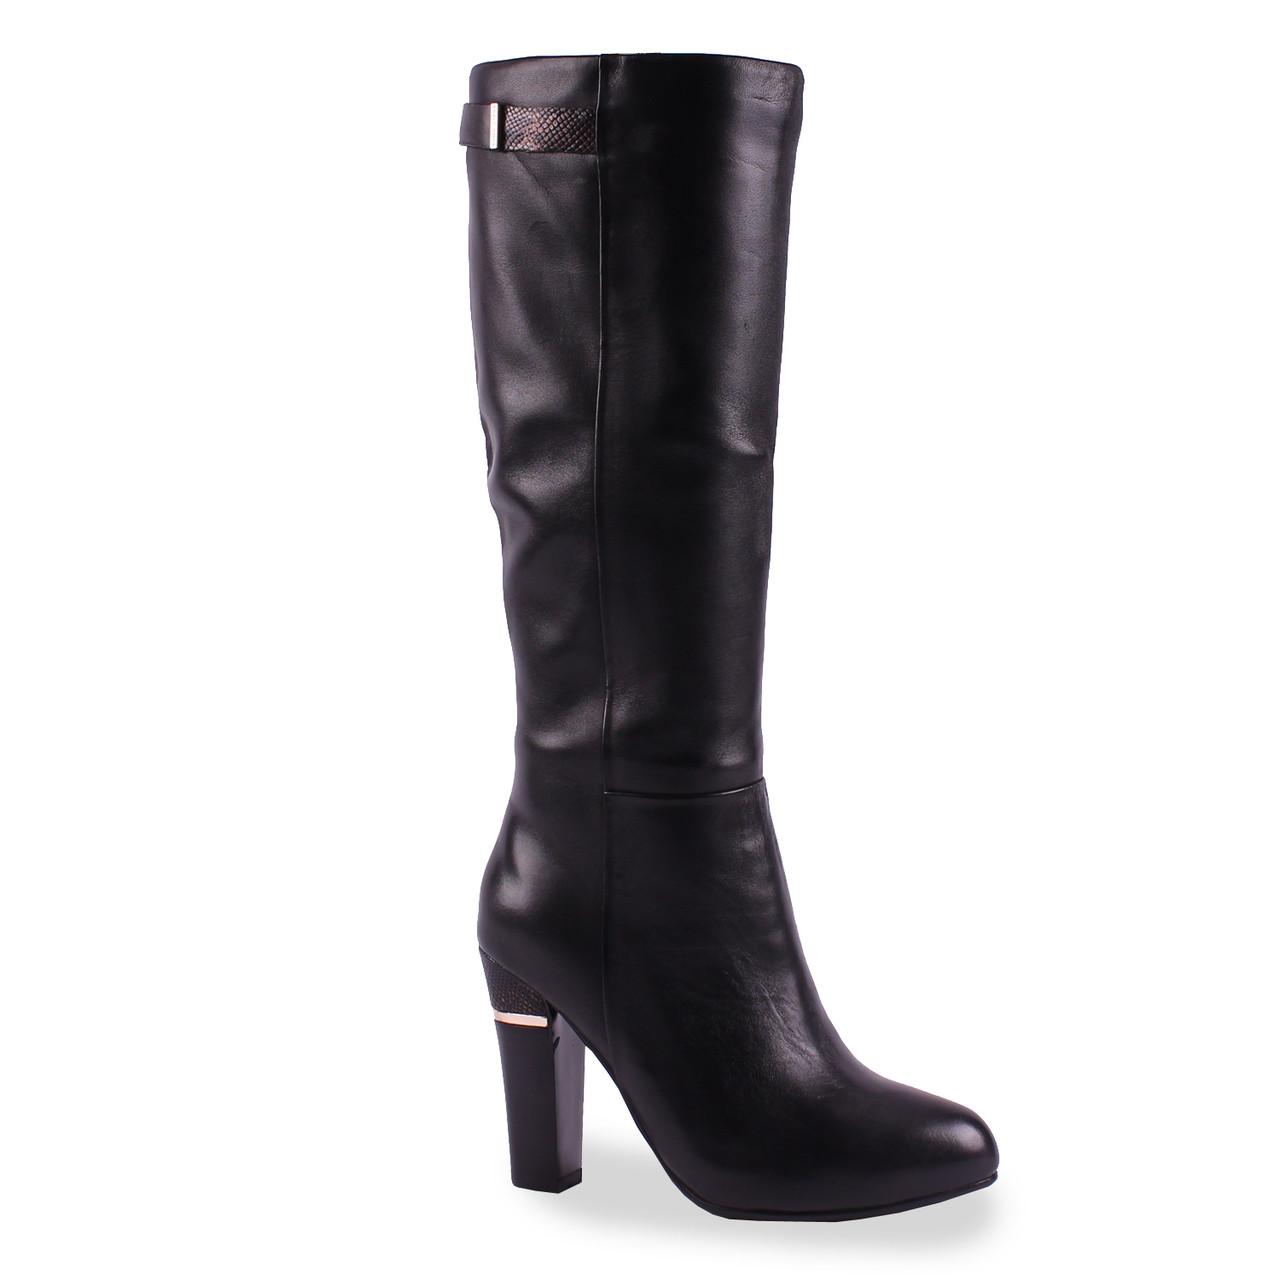 Элегантные кожаные сапоги Dina Fabiani(зимние, на красивом каблуке, натуральная кожа, черные, теплые)